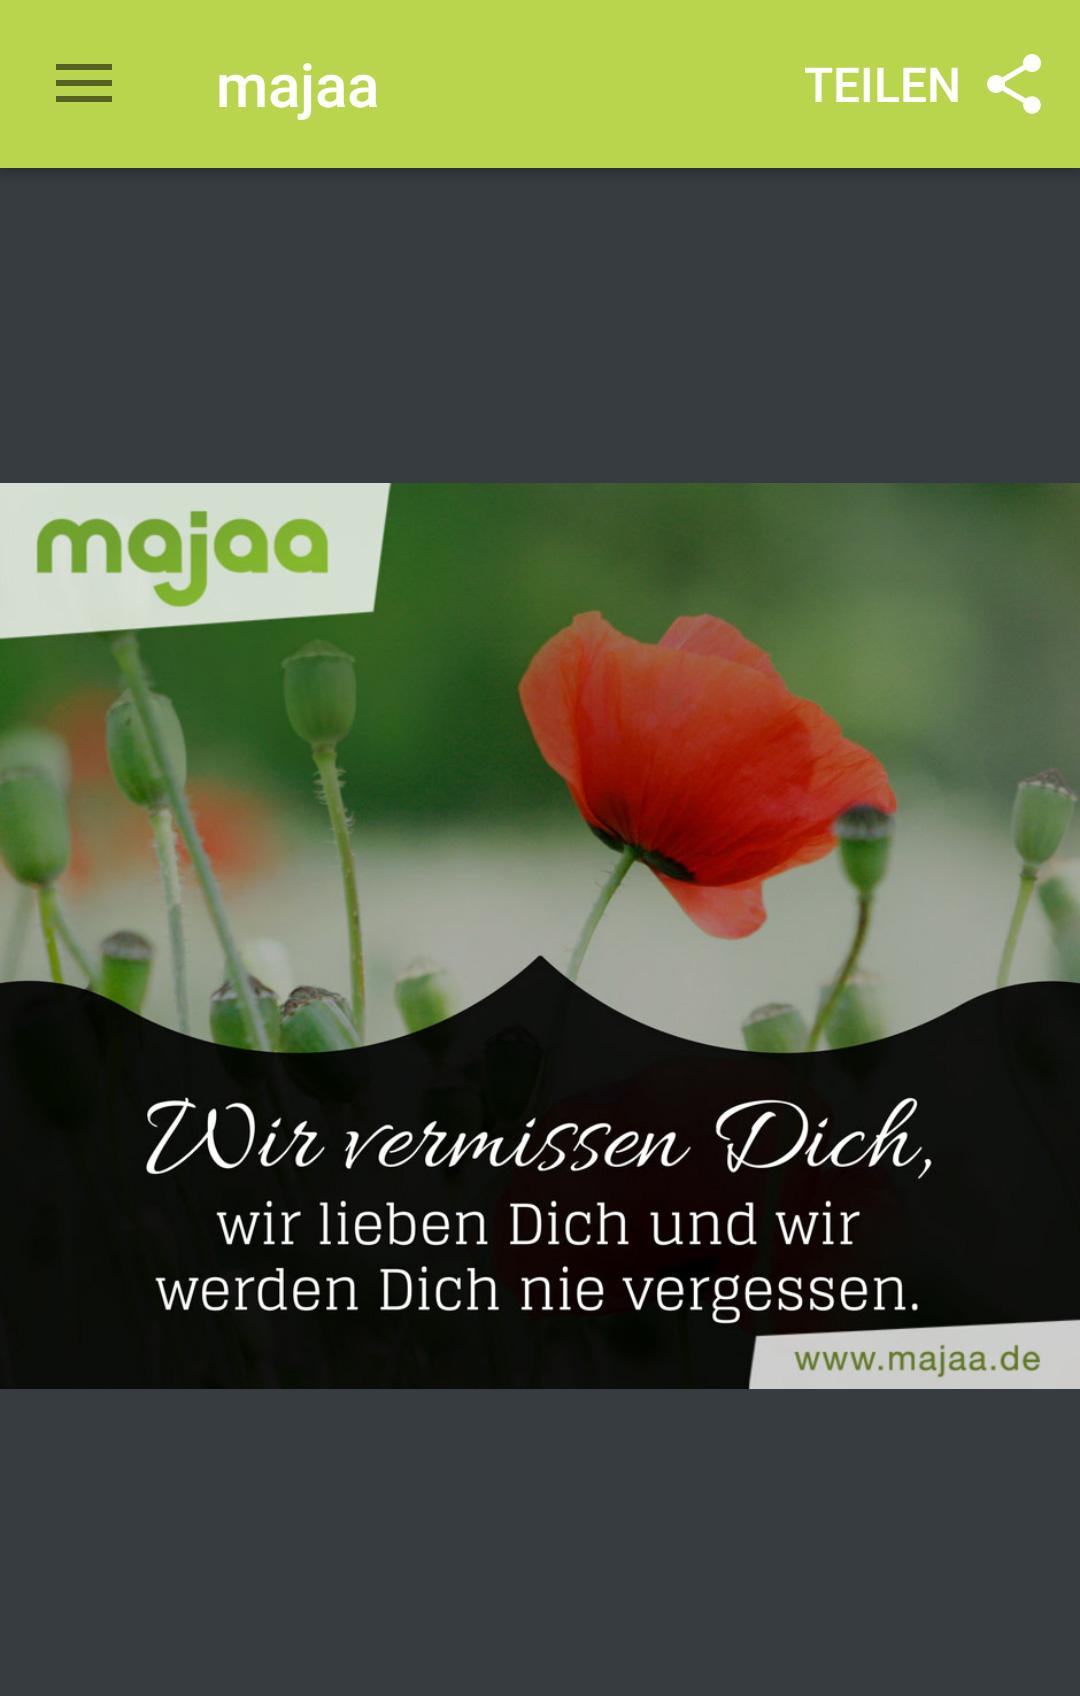 majaa Trauer App - einfühlsamer Trauerspruch